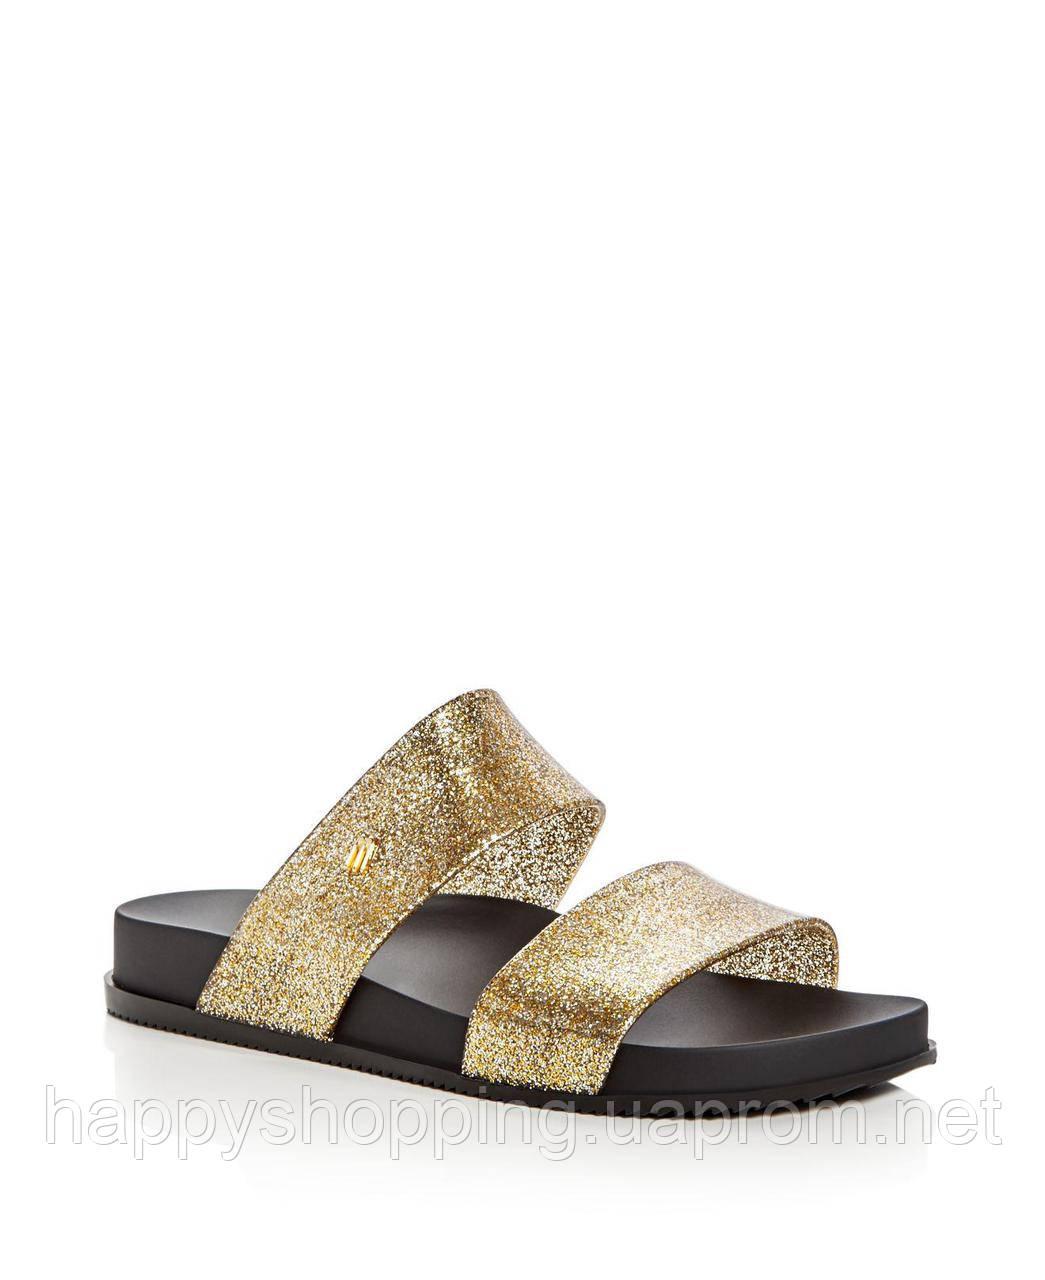 Женские летние пахнущие золотистые шлепанцы бразильского бренда Melissa